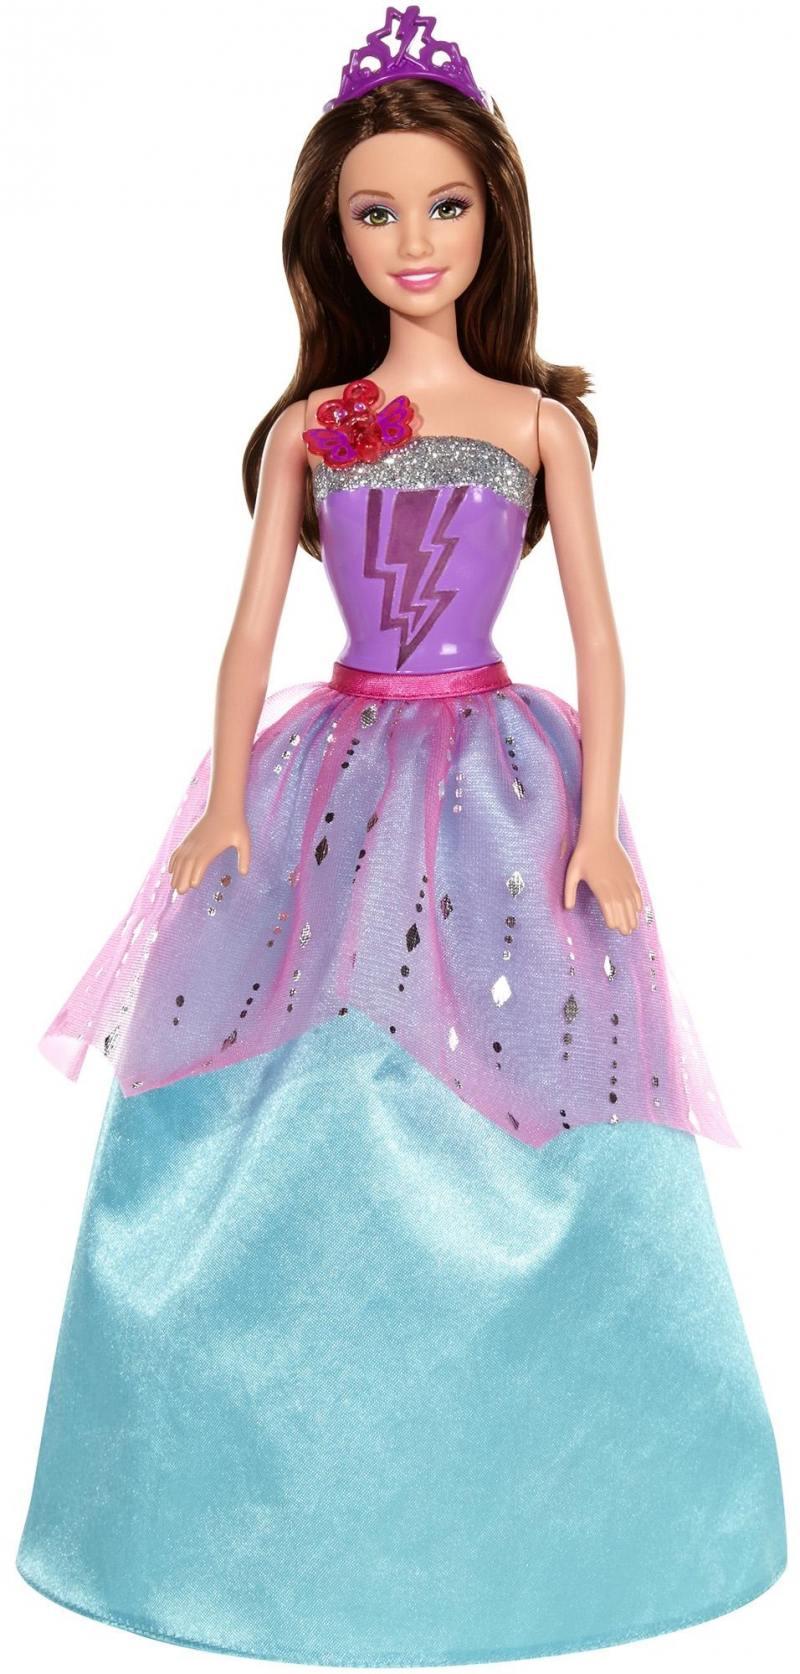 Игровой набор Barbie Супер-Принцесса Корин музыкальная CDY62 mattel виндсерф barbie